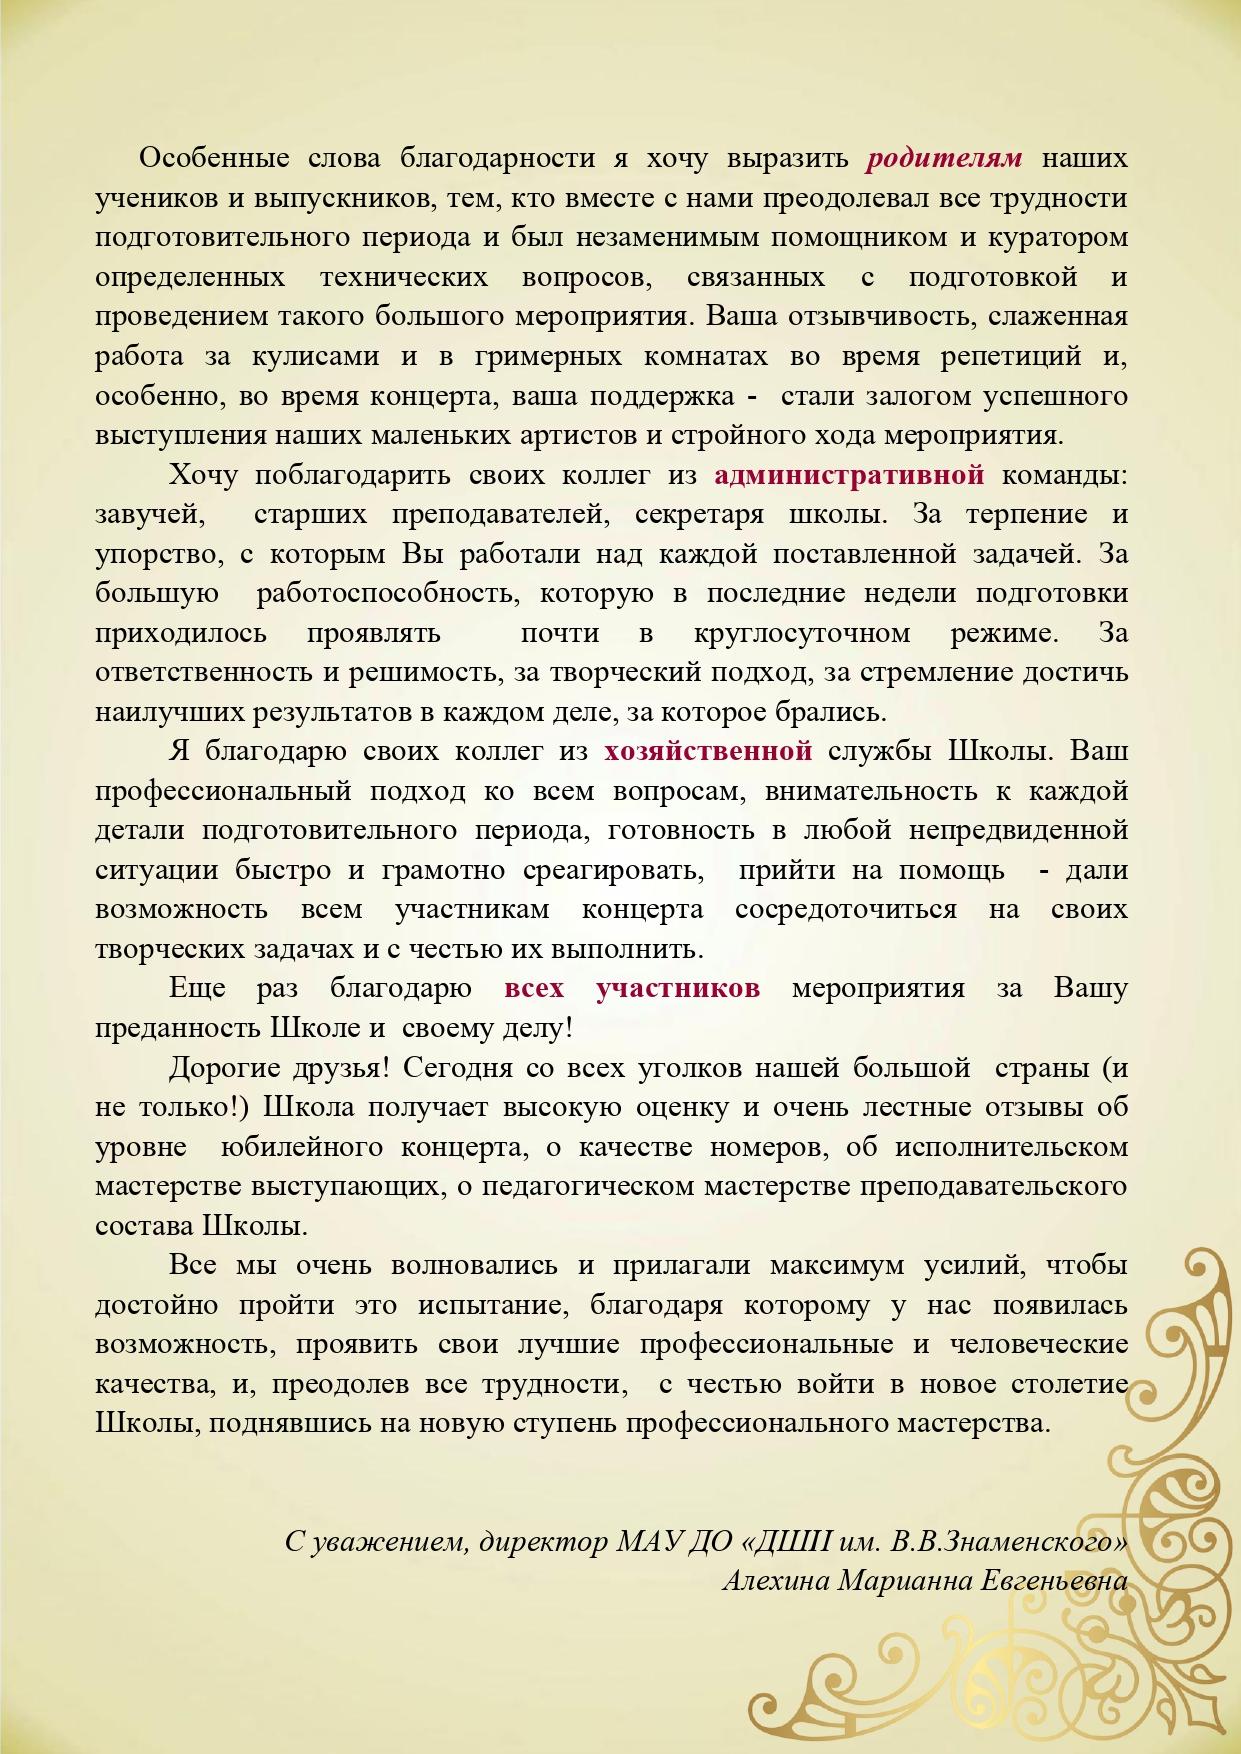 Благодарность  участникам юбилейного концерта стр. 2